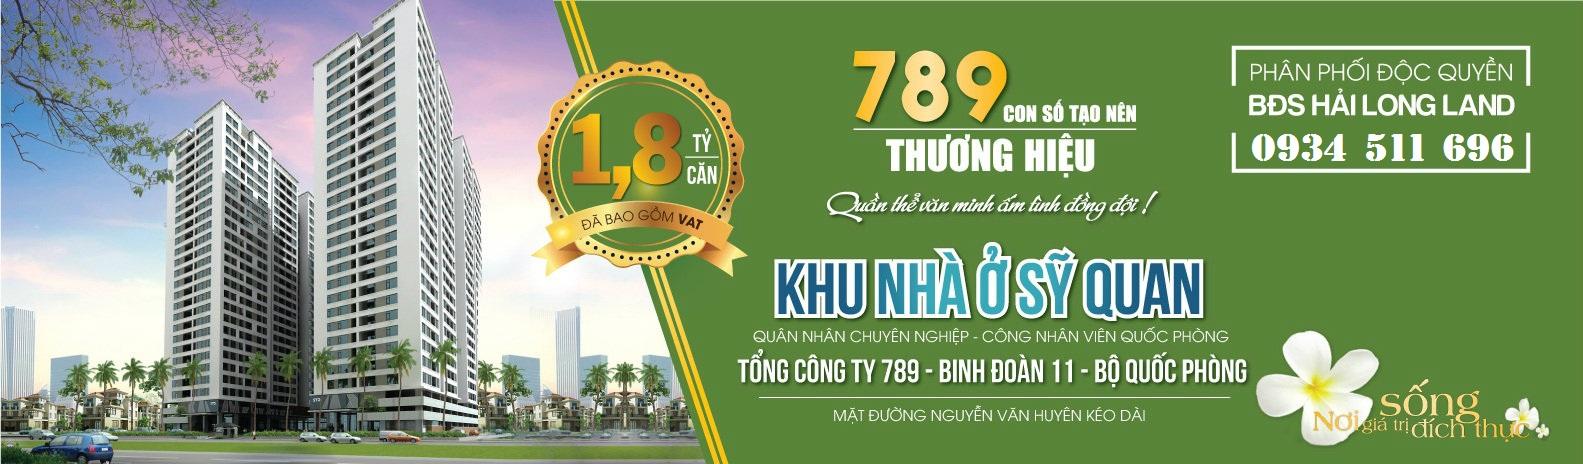 Tổng quan dự án Chung cư 789 Xuân Đỉnh – Bộ Tổng tham mưu | Tổng công ty 789 - Binh đoàn 11